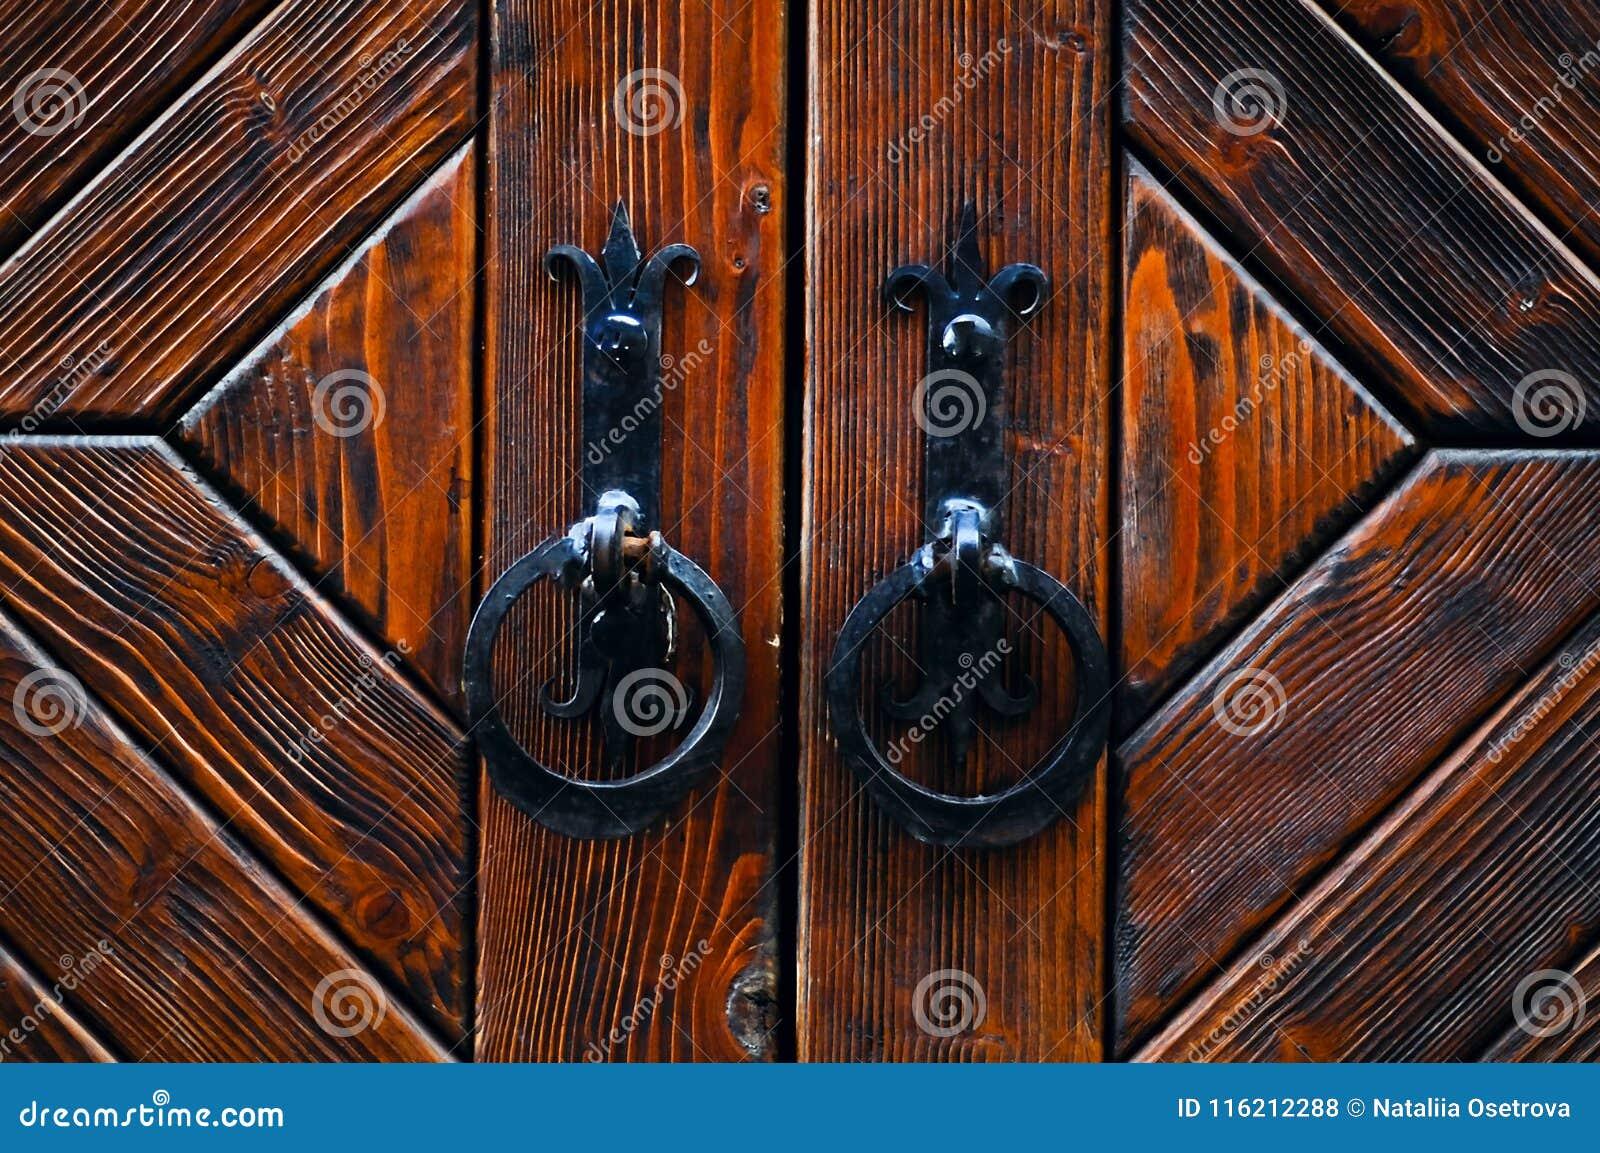 Η εκλεκτής ποιότητας μεταλλική πόρτα χειρίζεται το Μαύρο σε ένα ξύλινο υπόβαθρο, έννοια των αυθεντικών αντικειμένων, διάστημα αντ